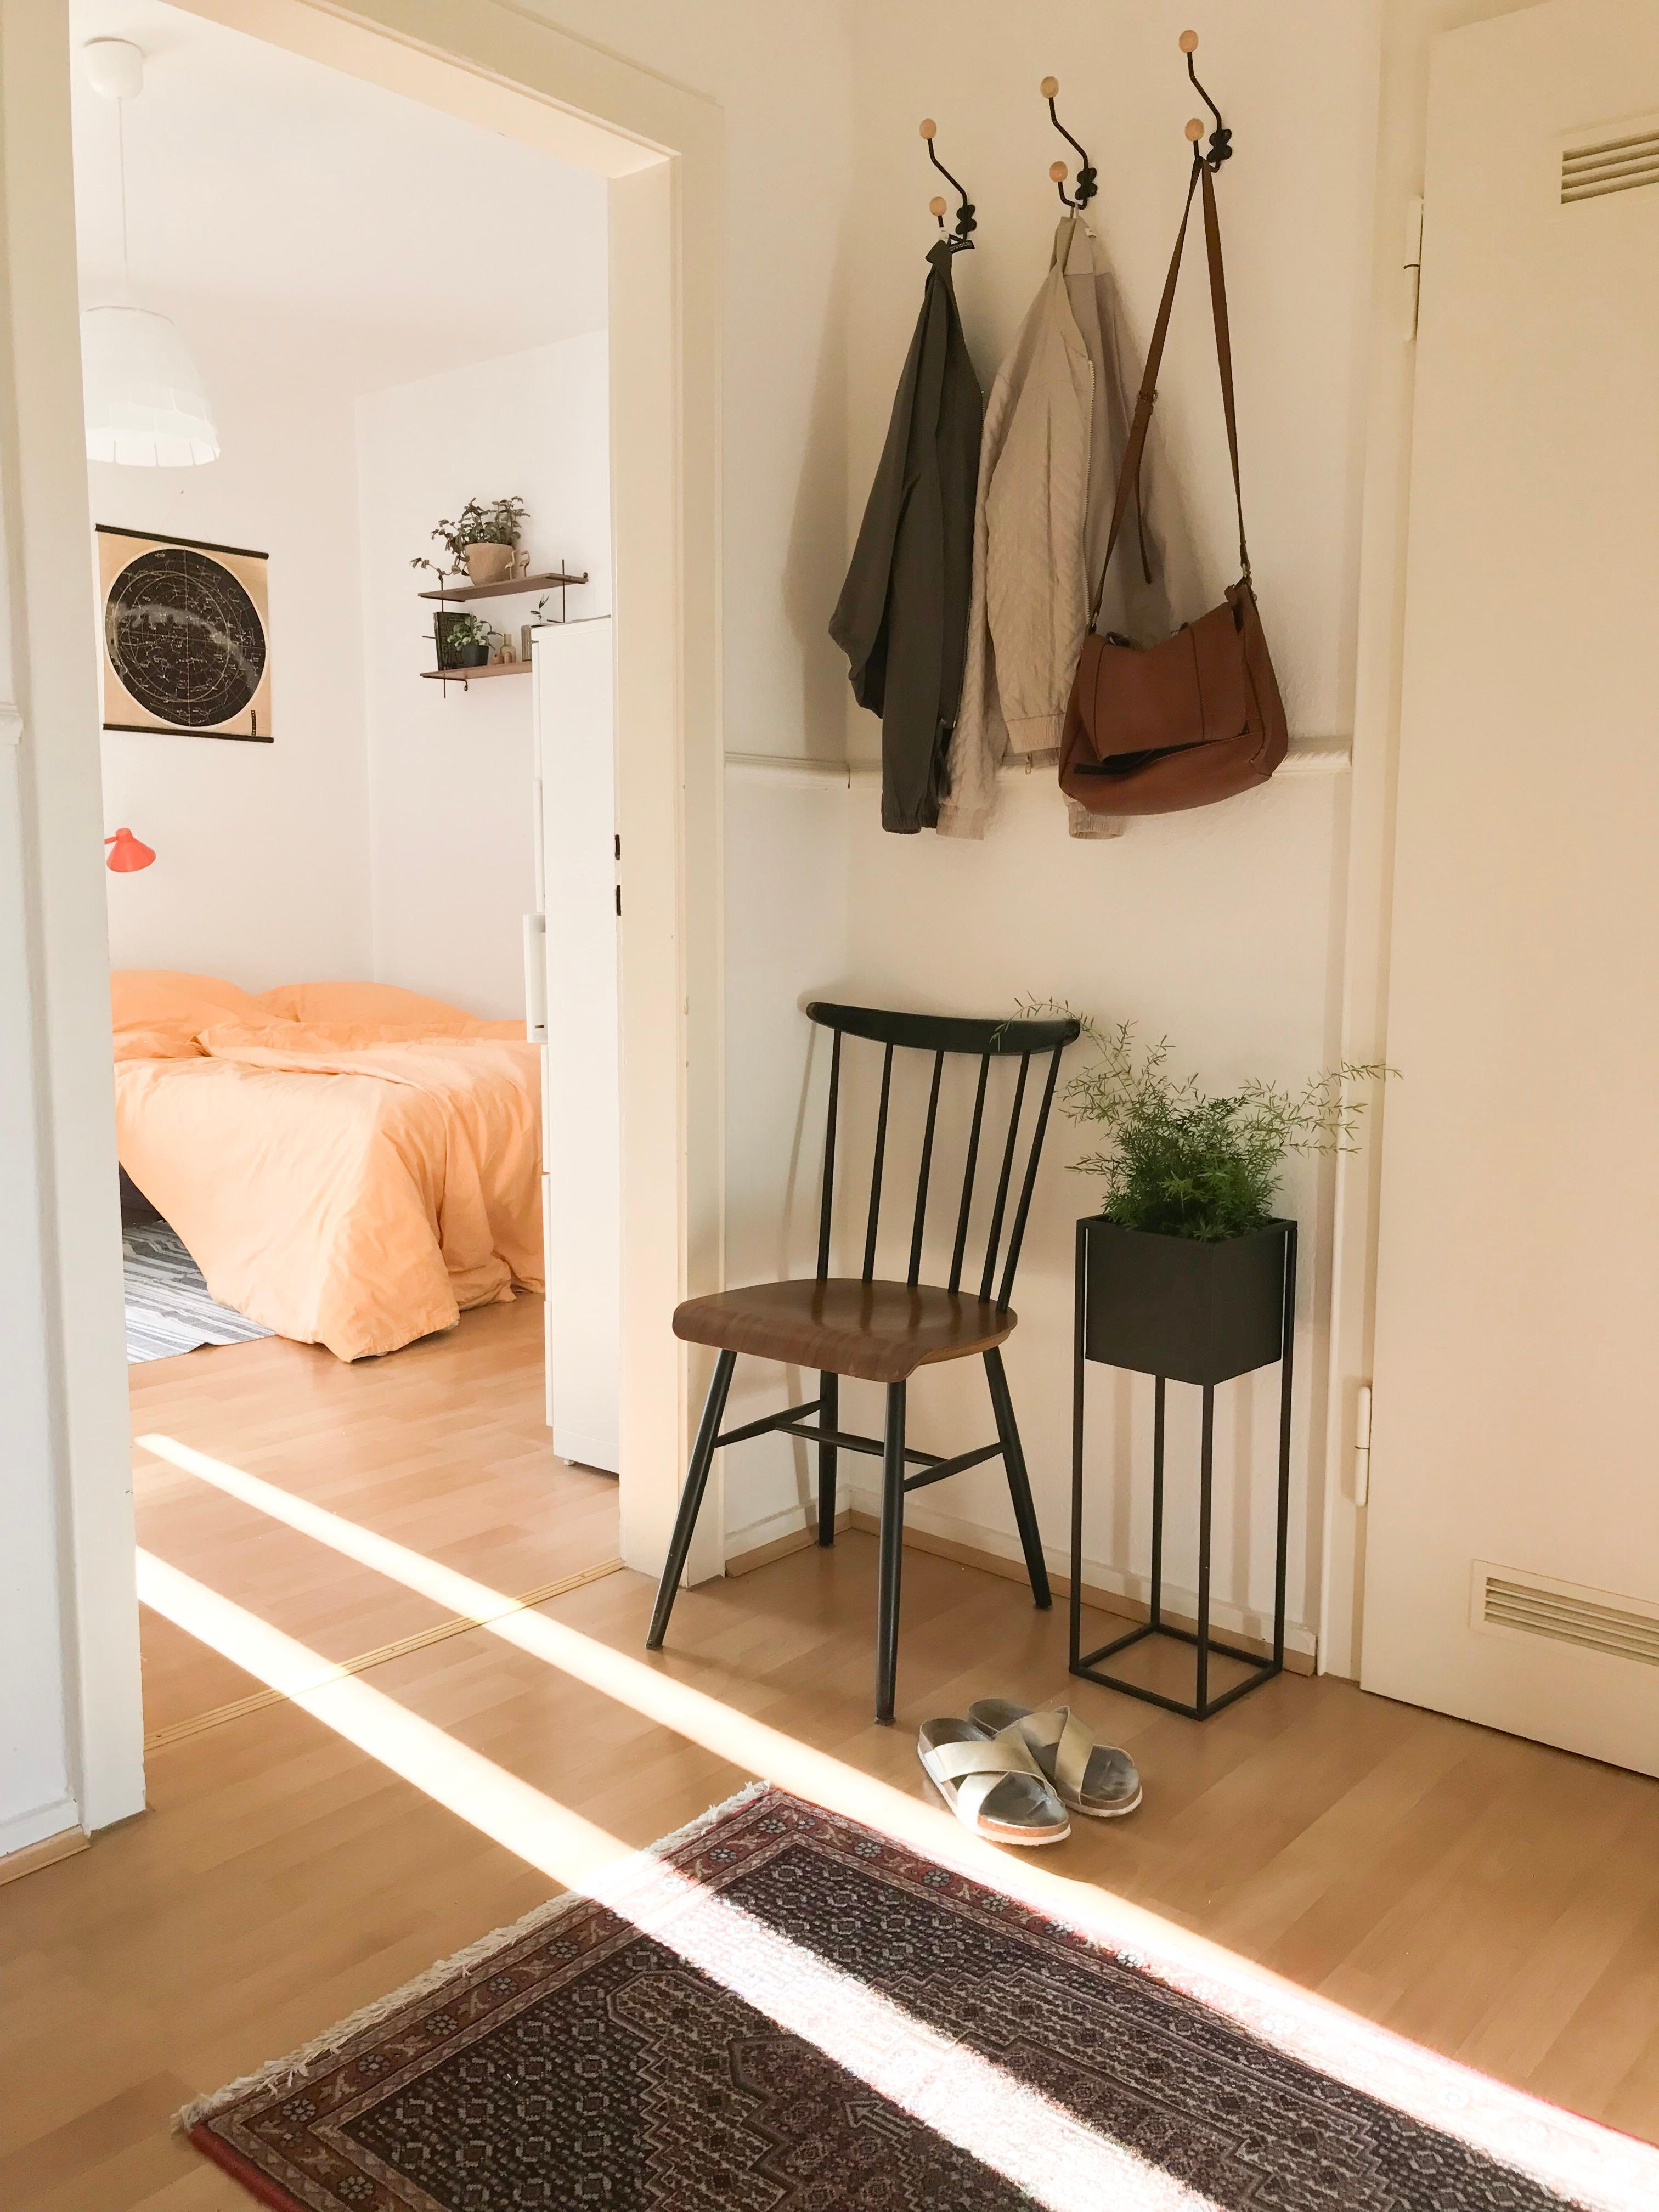 Eingang Garderobe garderobe bilder ideen couchstyle